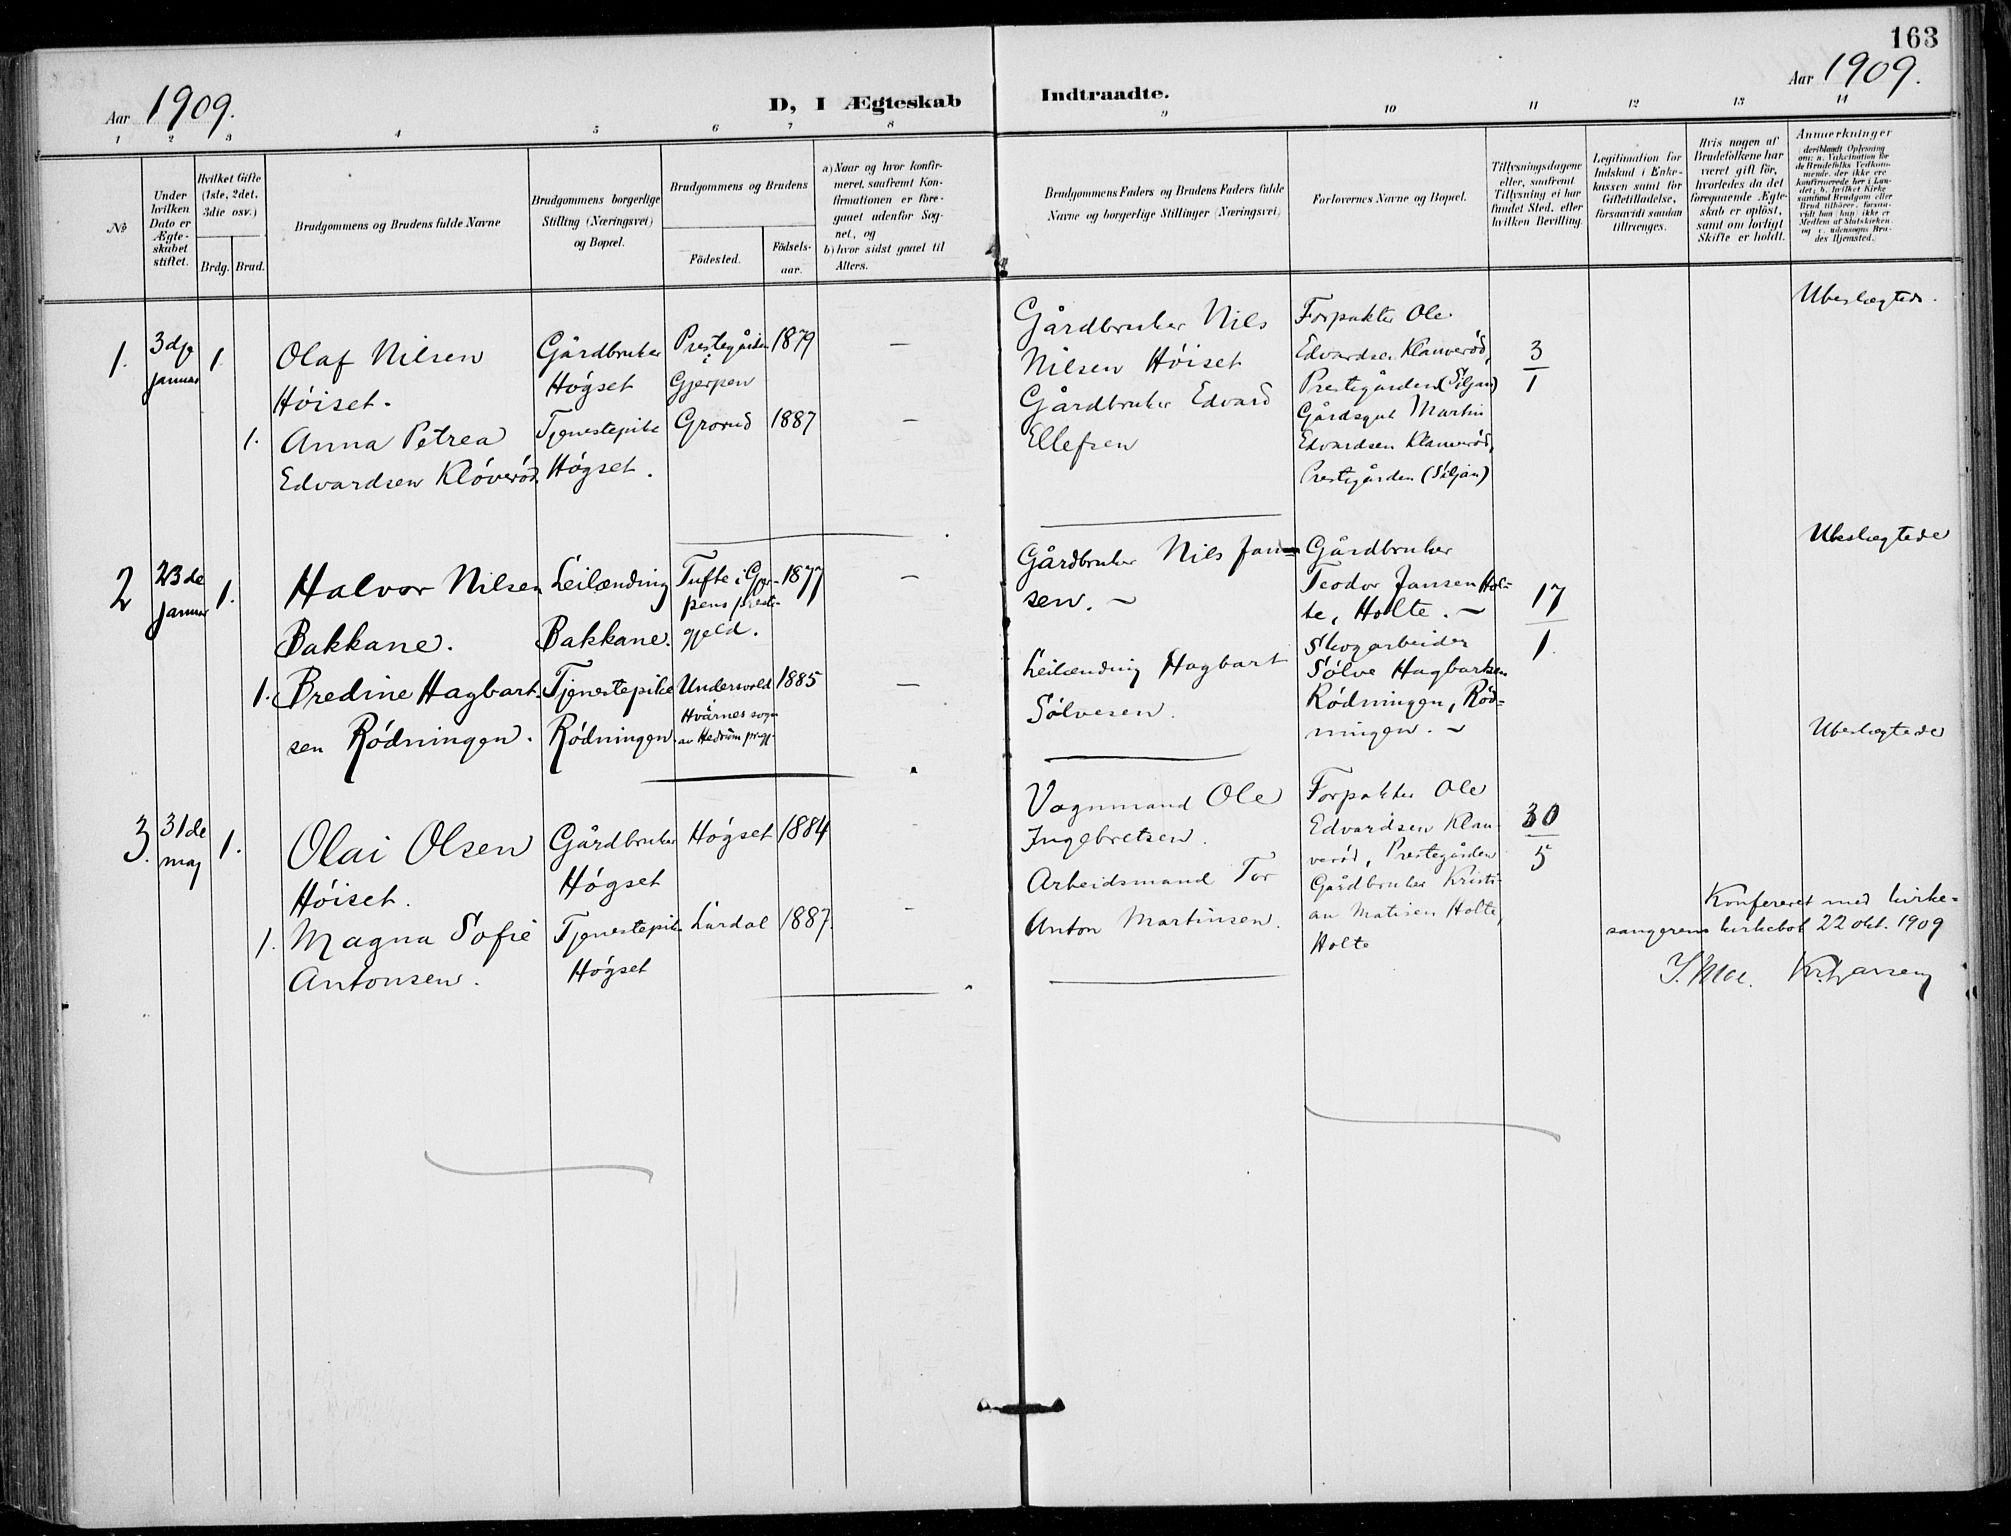 SAKO, Siljan kirkebøker, F/Fa/L0003: Ministerialbok nr. 3, 1896-1910, s. 163